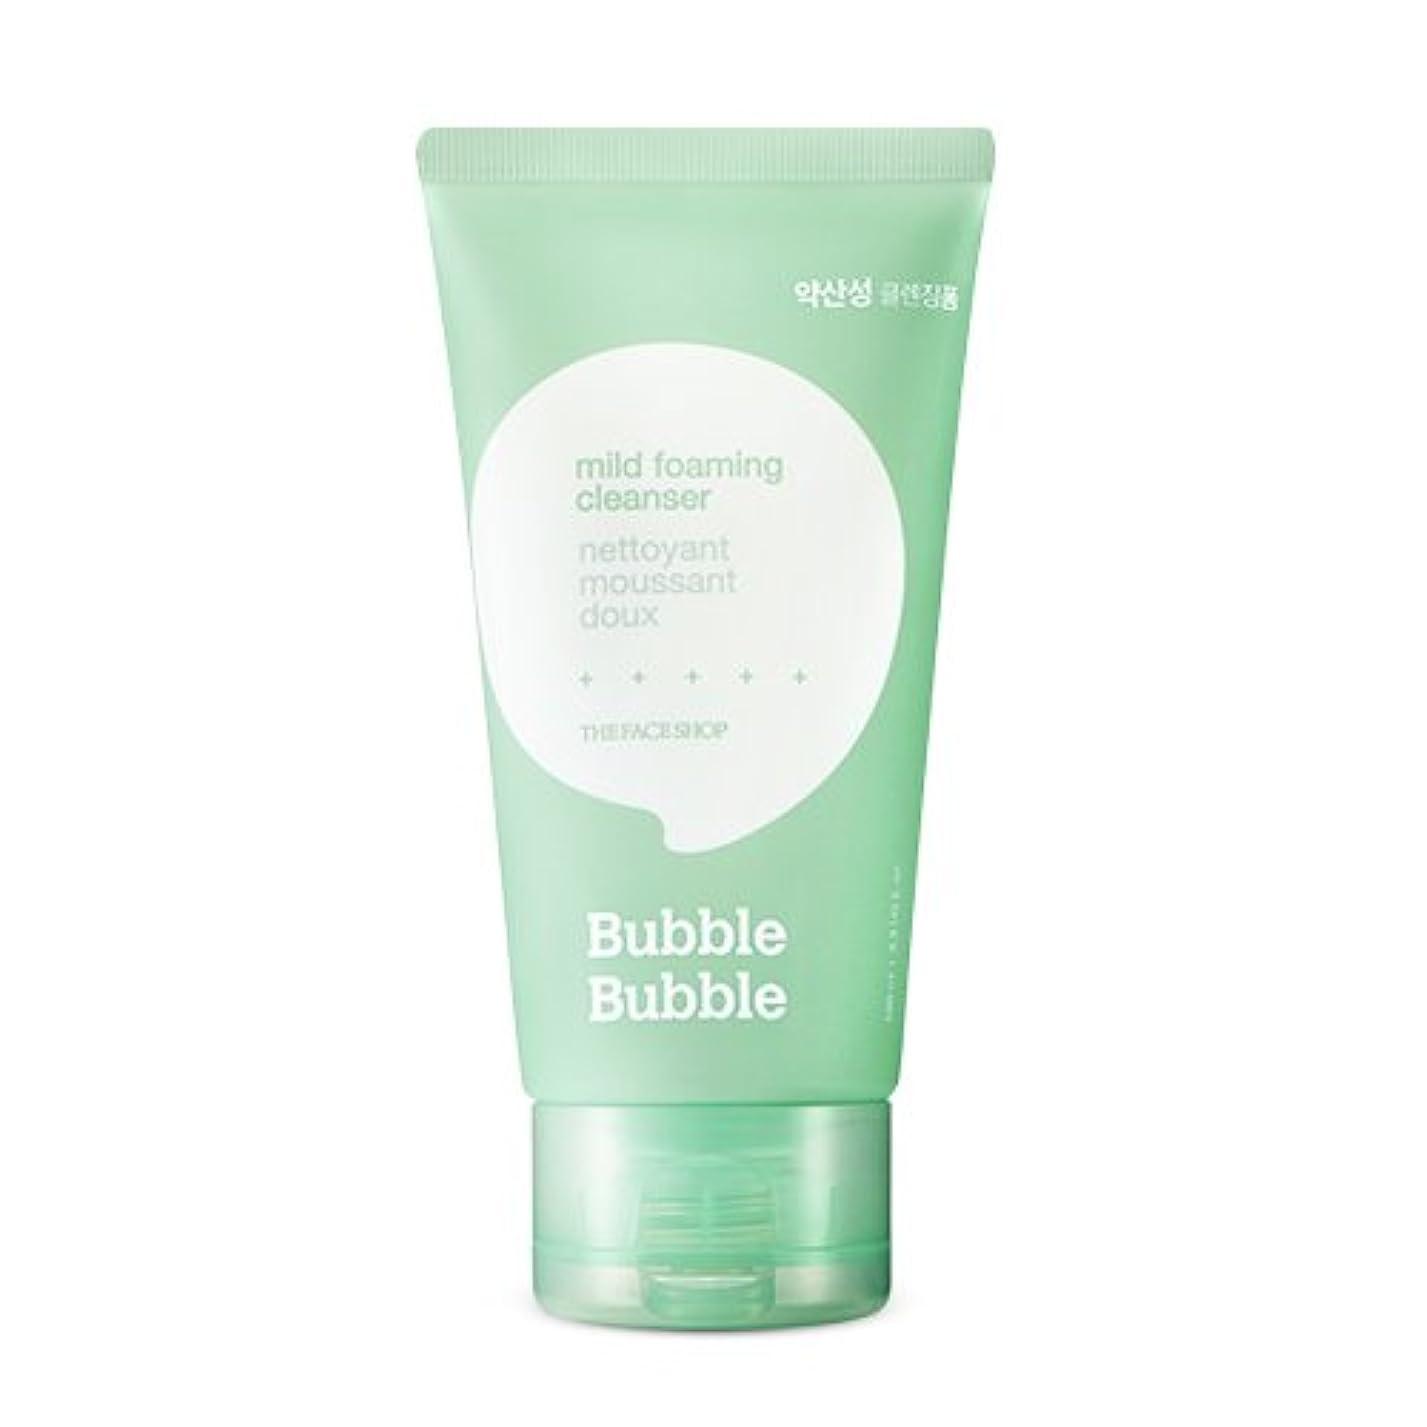 スクラップグリットアヒルTHE FACE SHOP Bubble Bubble Foaming cleanser (2.Mild) / ザ?フェイスショップバブルバブルクレンジングフォーム [並行輸入品]